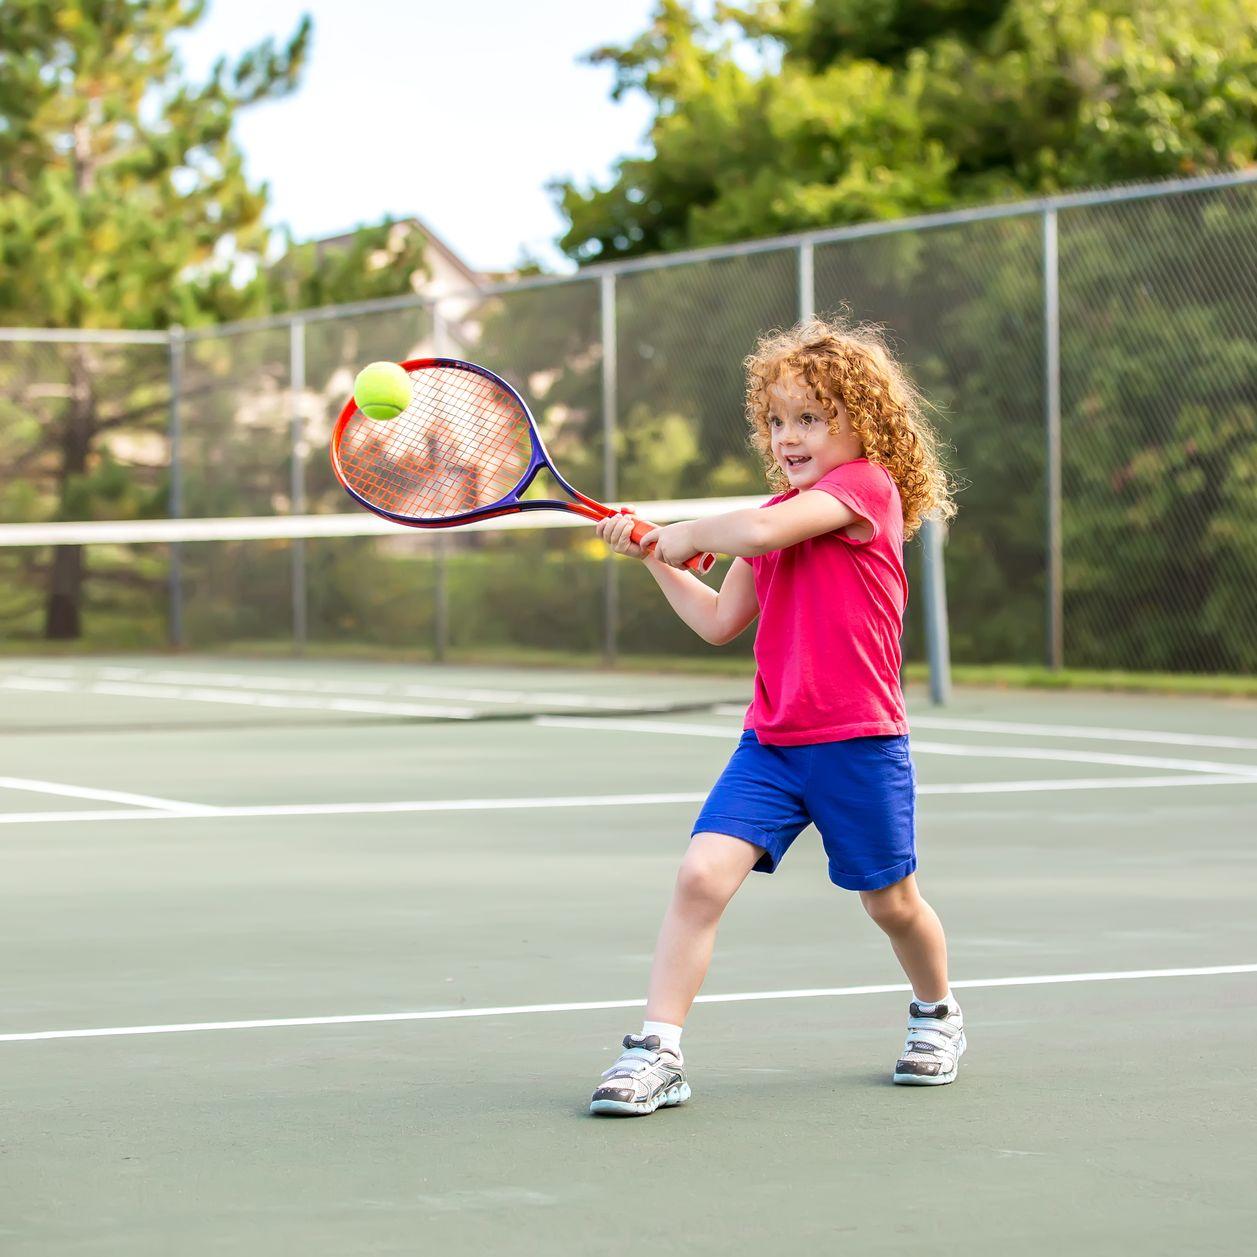 Les enfants seront bientôt dispensés de certificat médical pour le sport